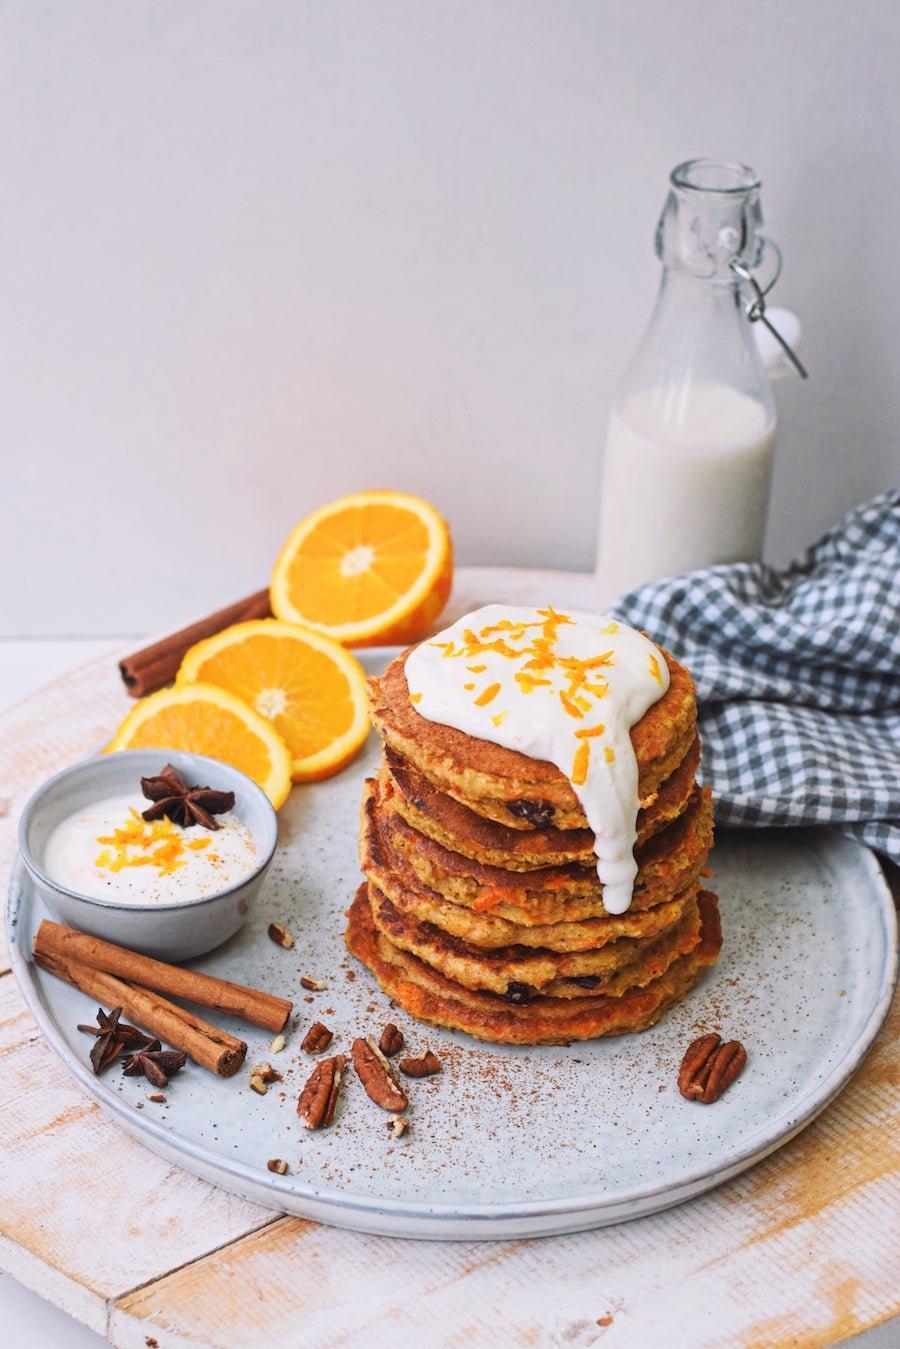 Recept voor pasen: gezonde Carrot Cake pannenkoekjes | Paasontbijt